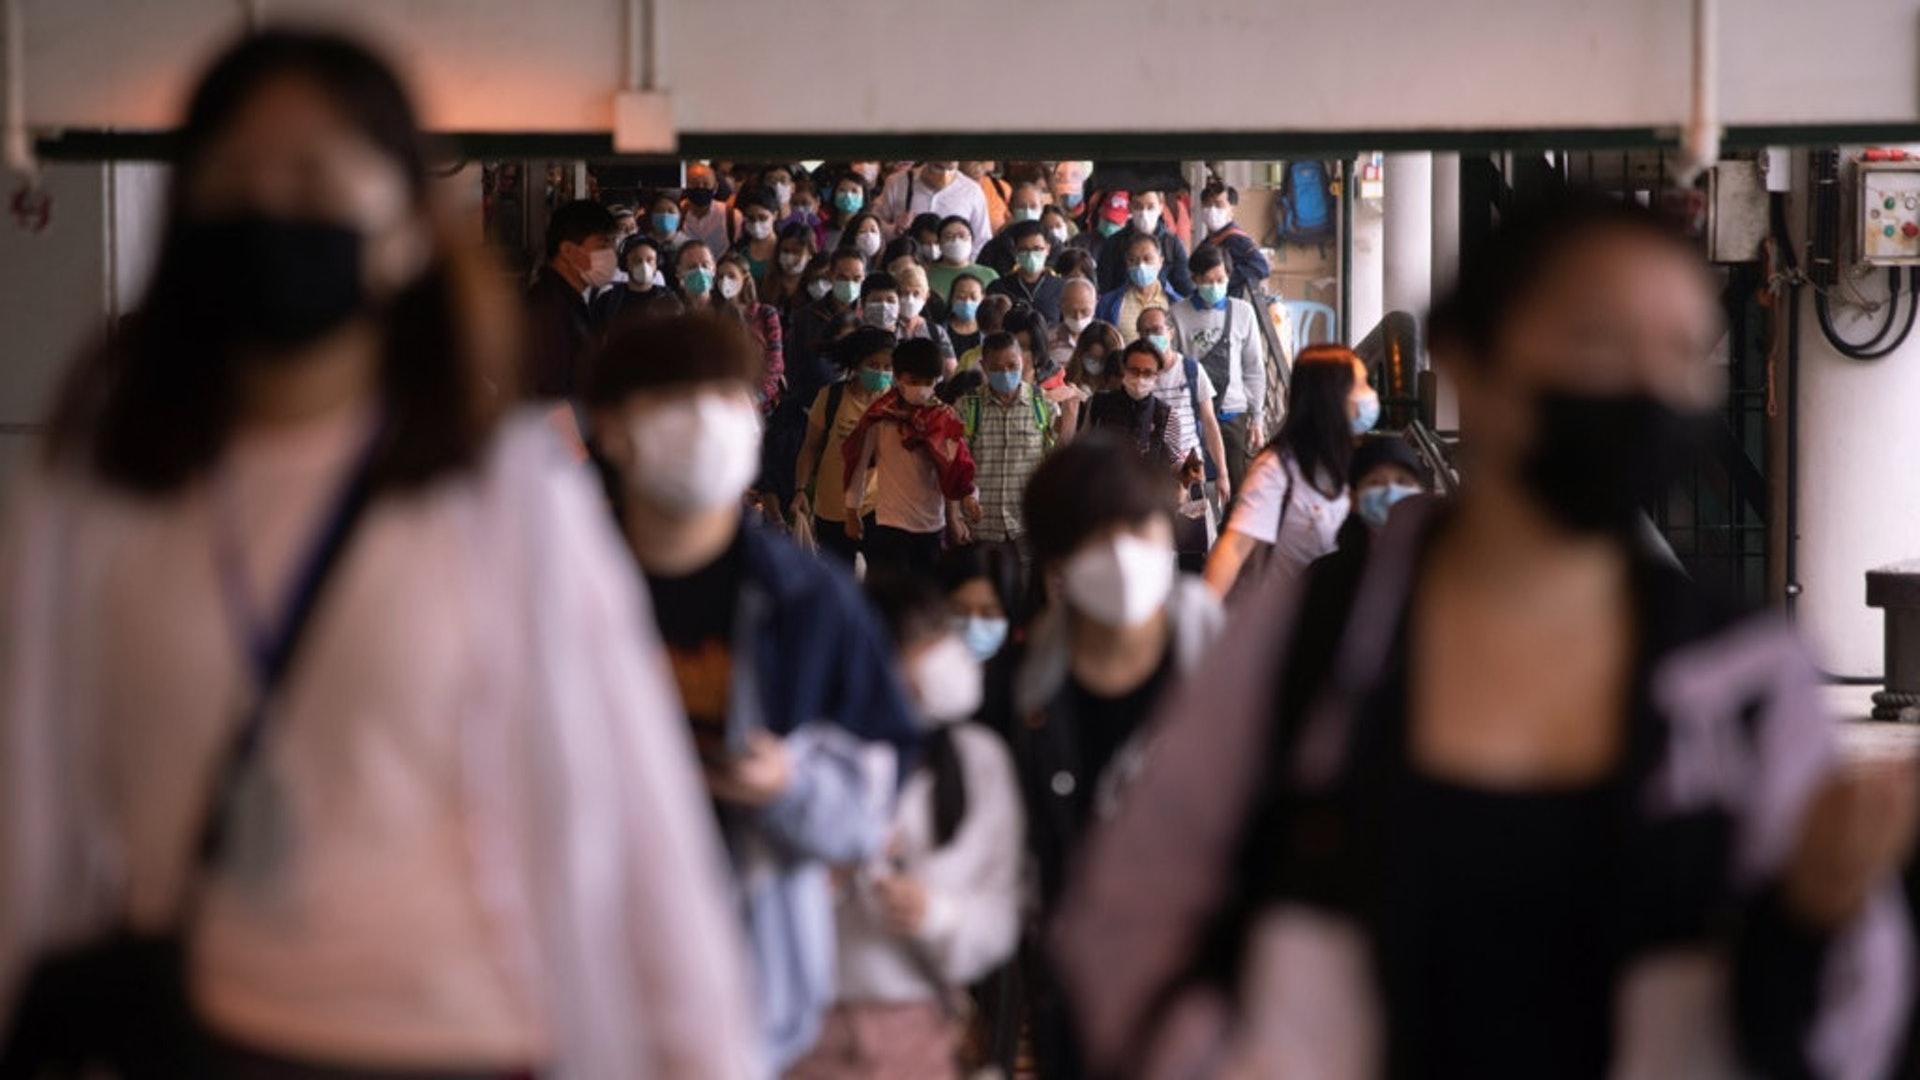 香港是全球壓力指數最高的城市之一,急促的生活節奏及壓迫感,令無數香港人身體經常出現各式各樣的小毛病。(圖片:HK01)